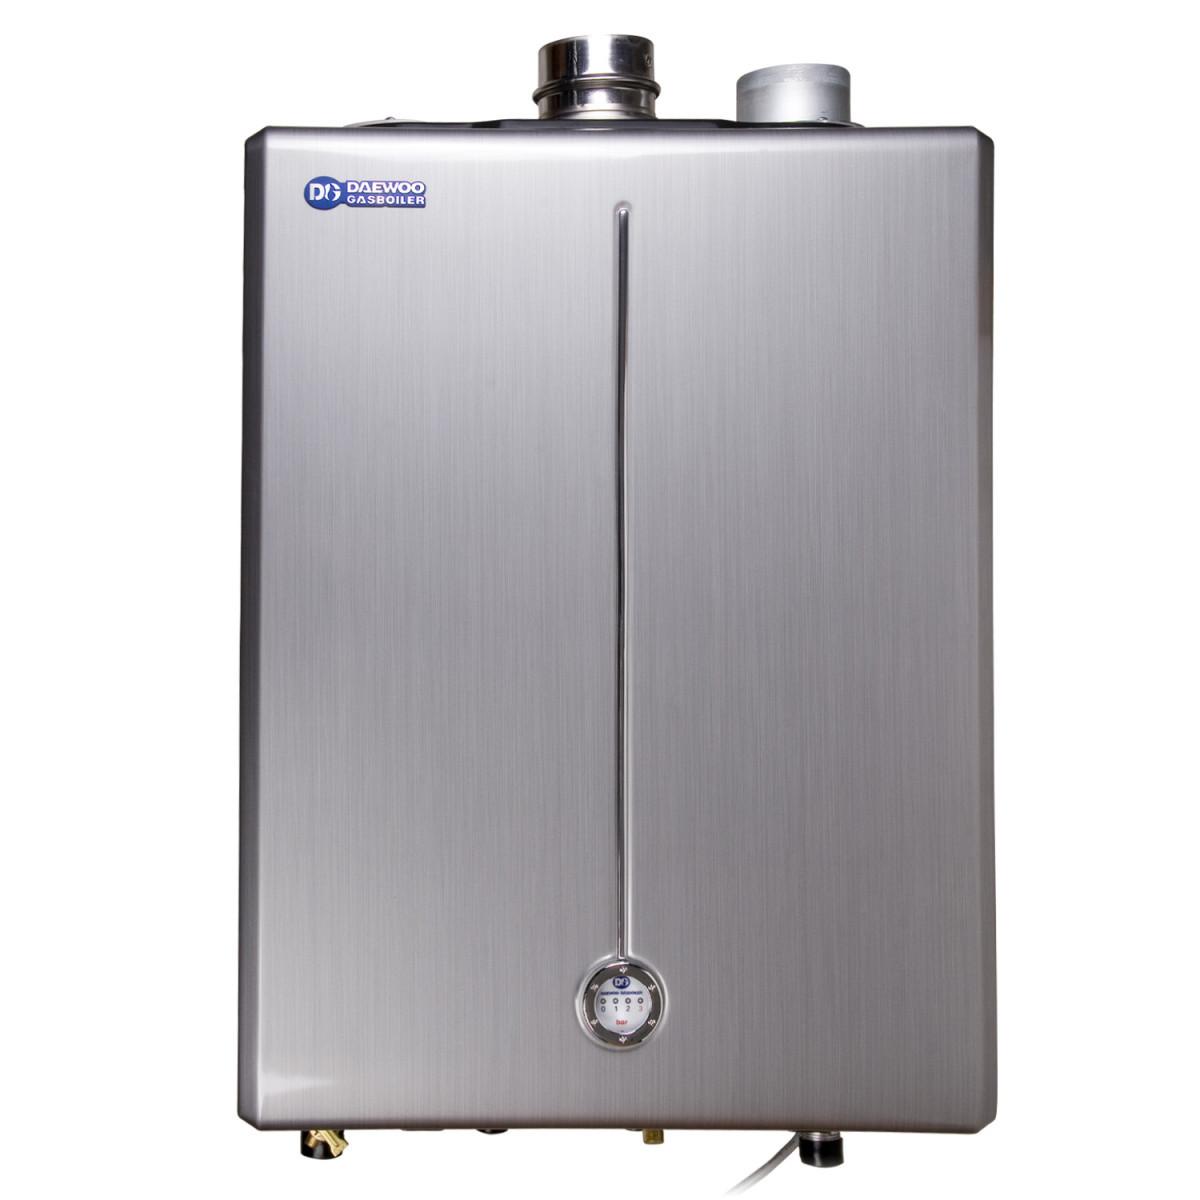 Газовый бытовой котел DAEWOO DGB-200 MES